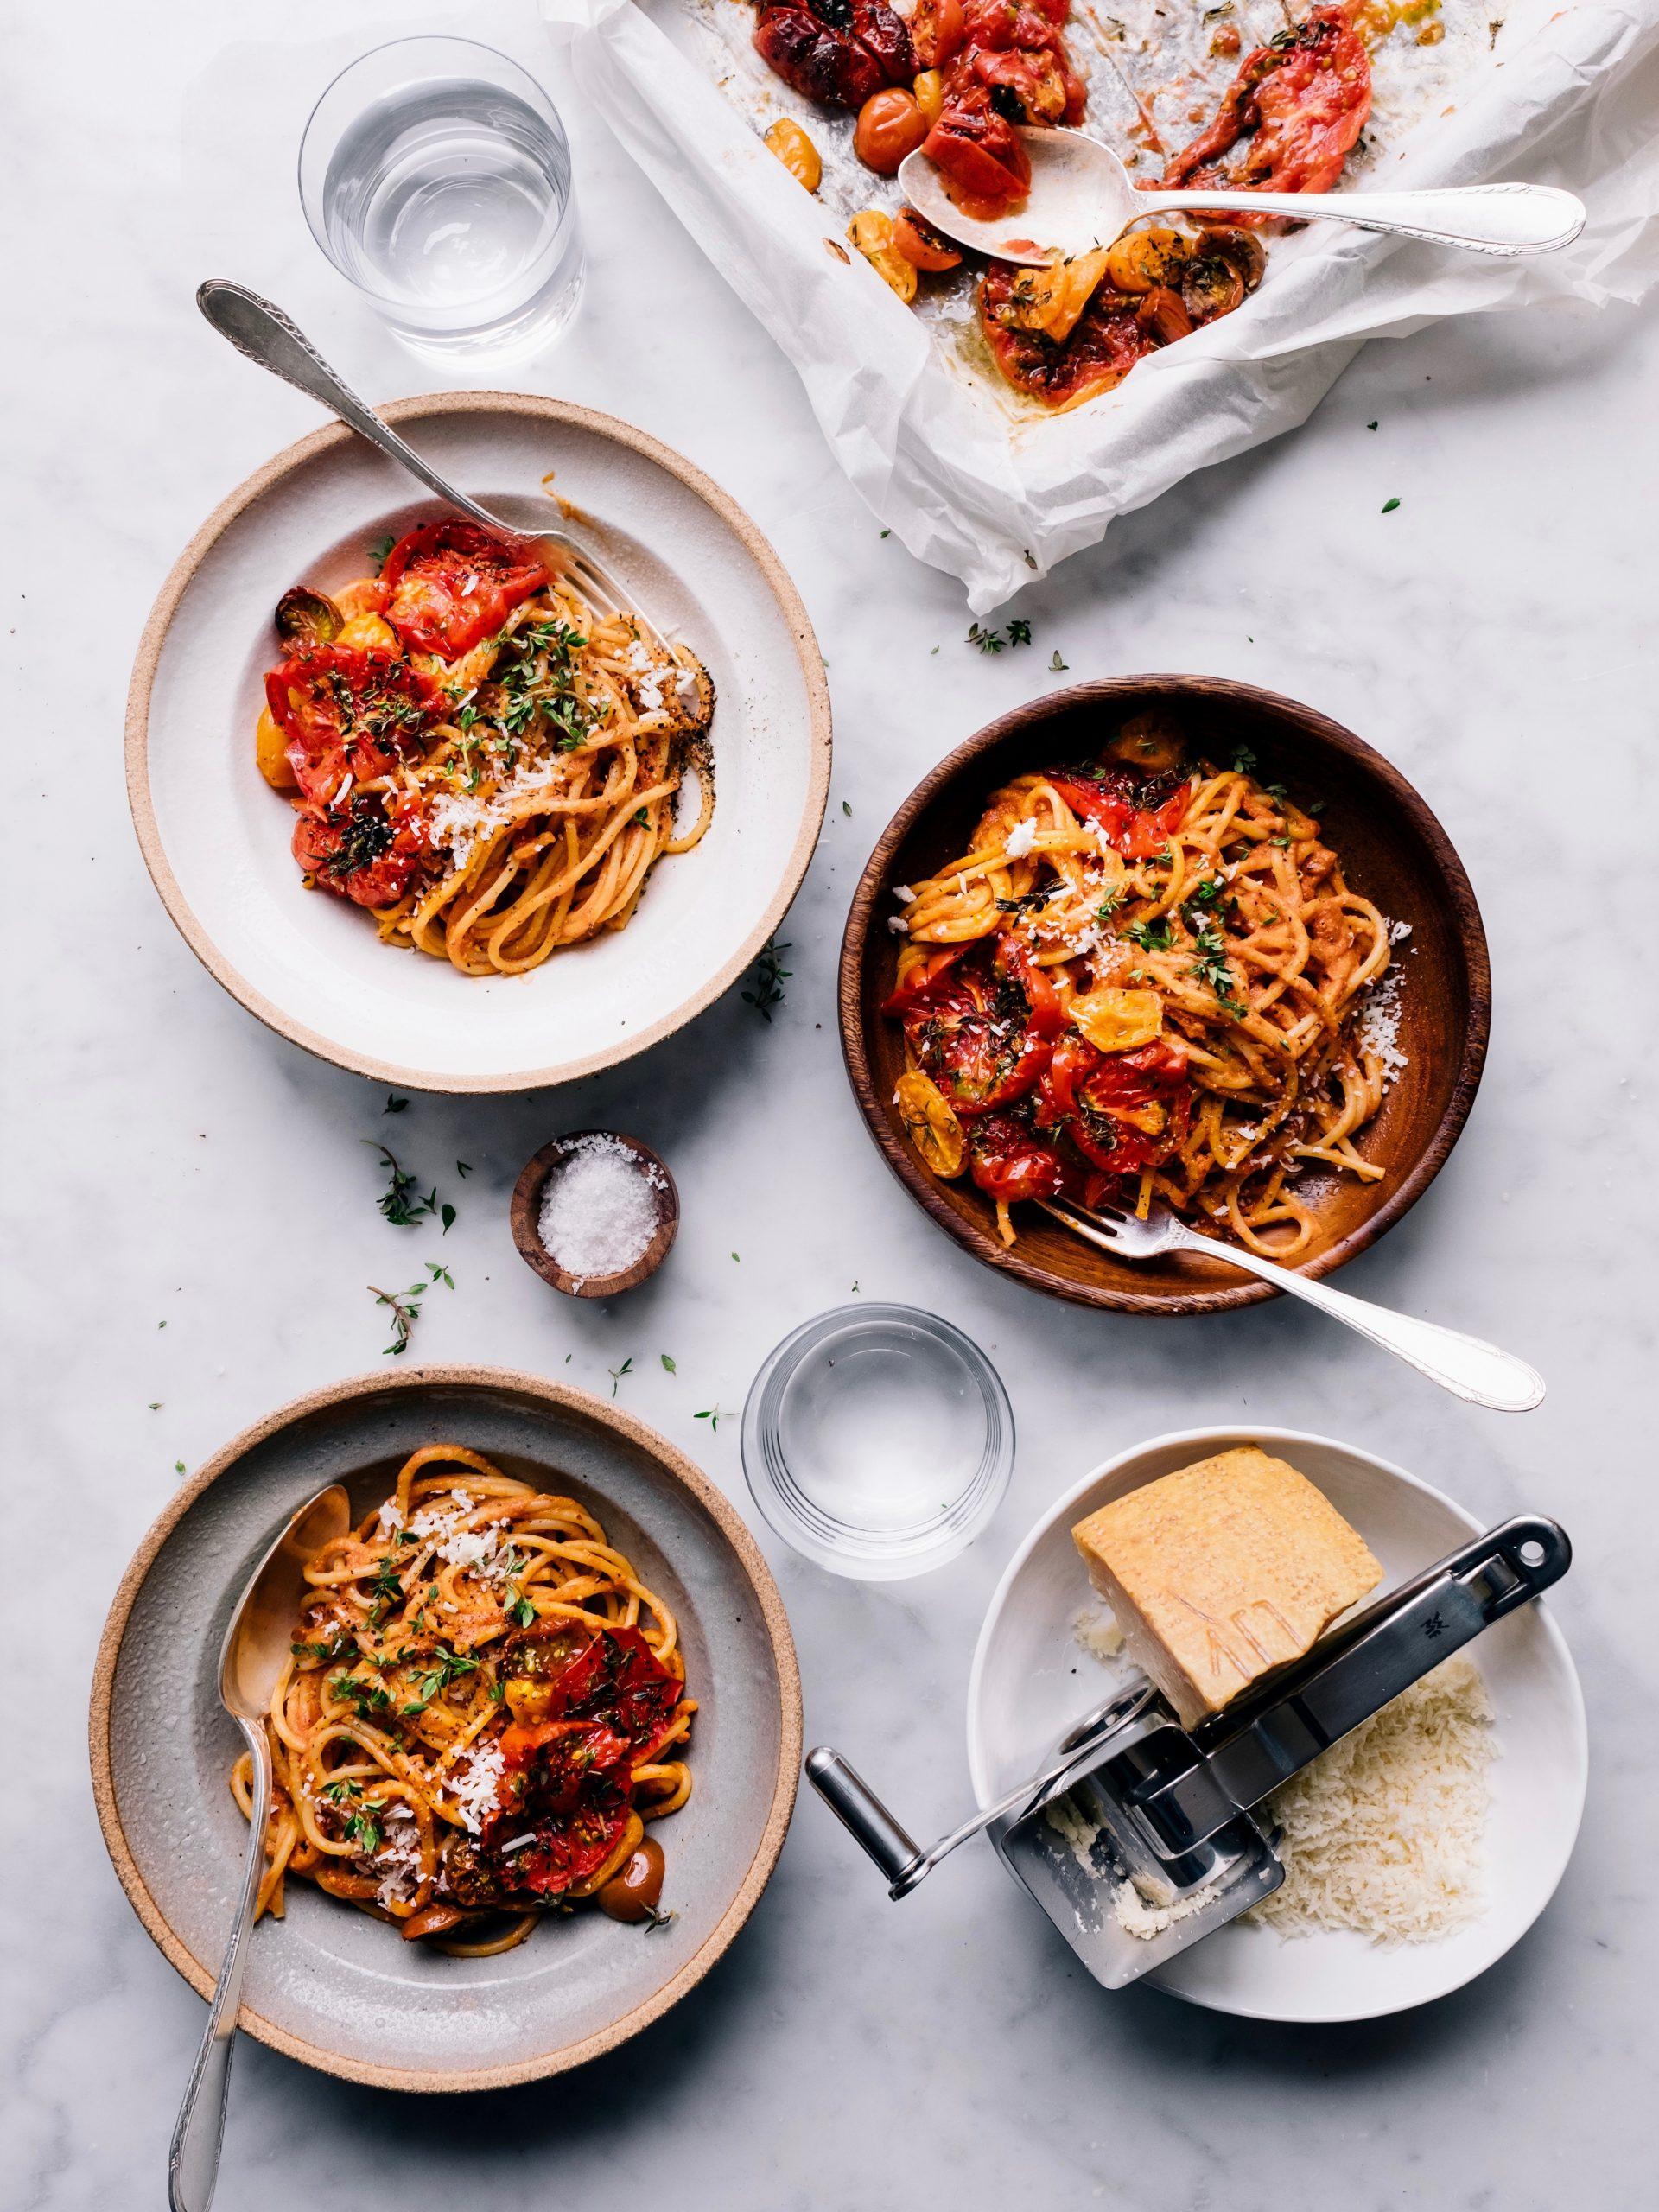 Teller mit Pasta Al Martini mit Tomaten und Parmesan